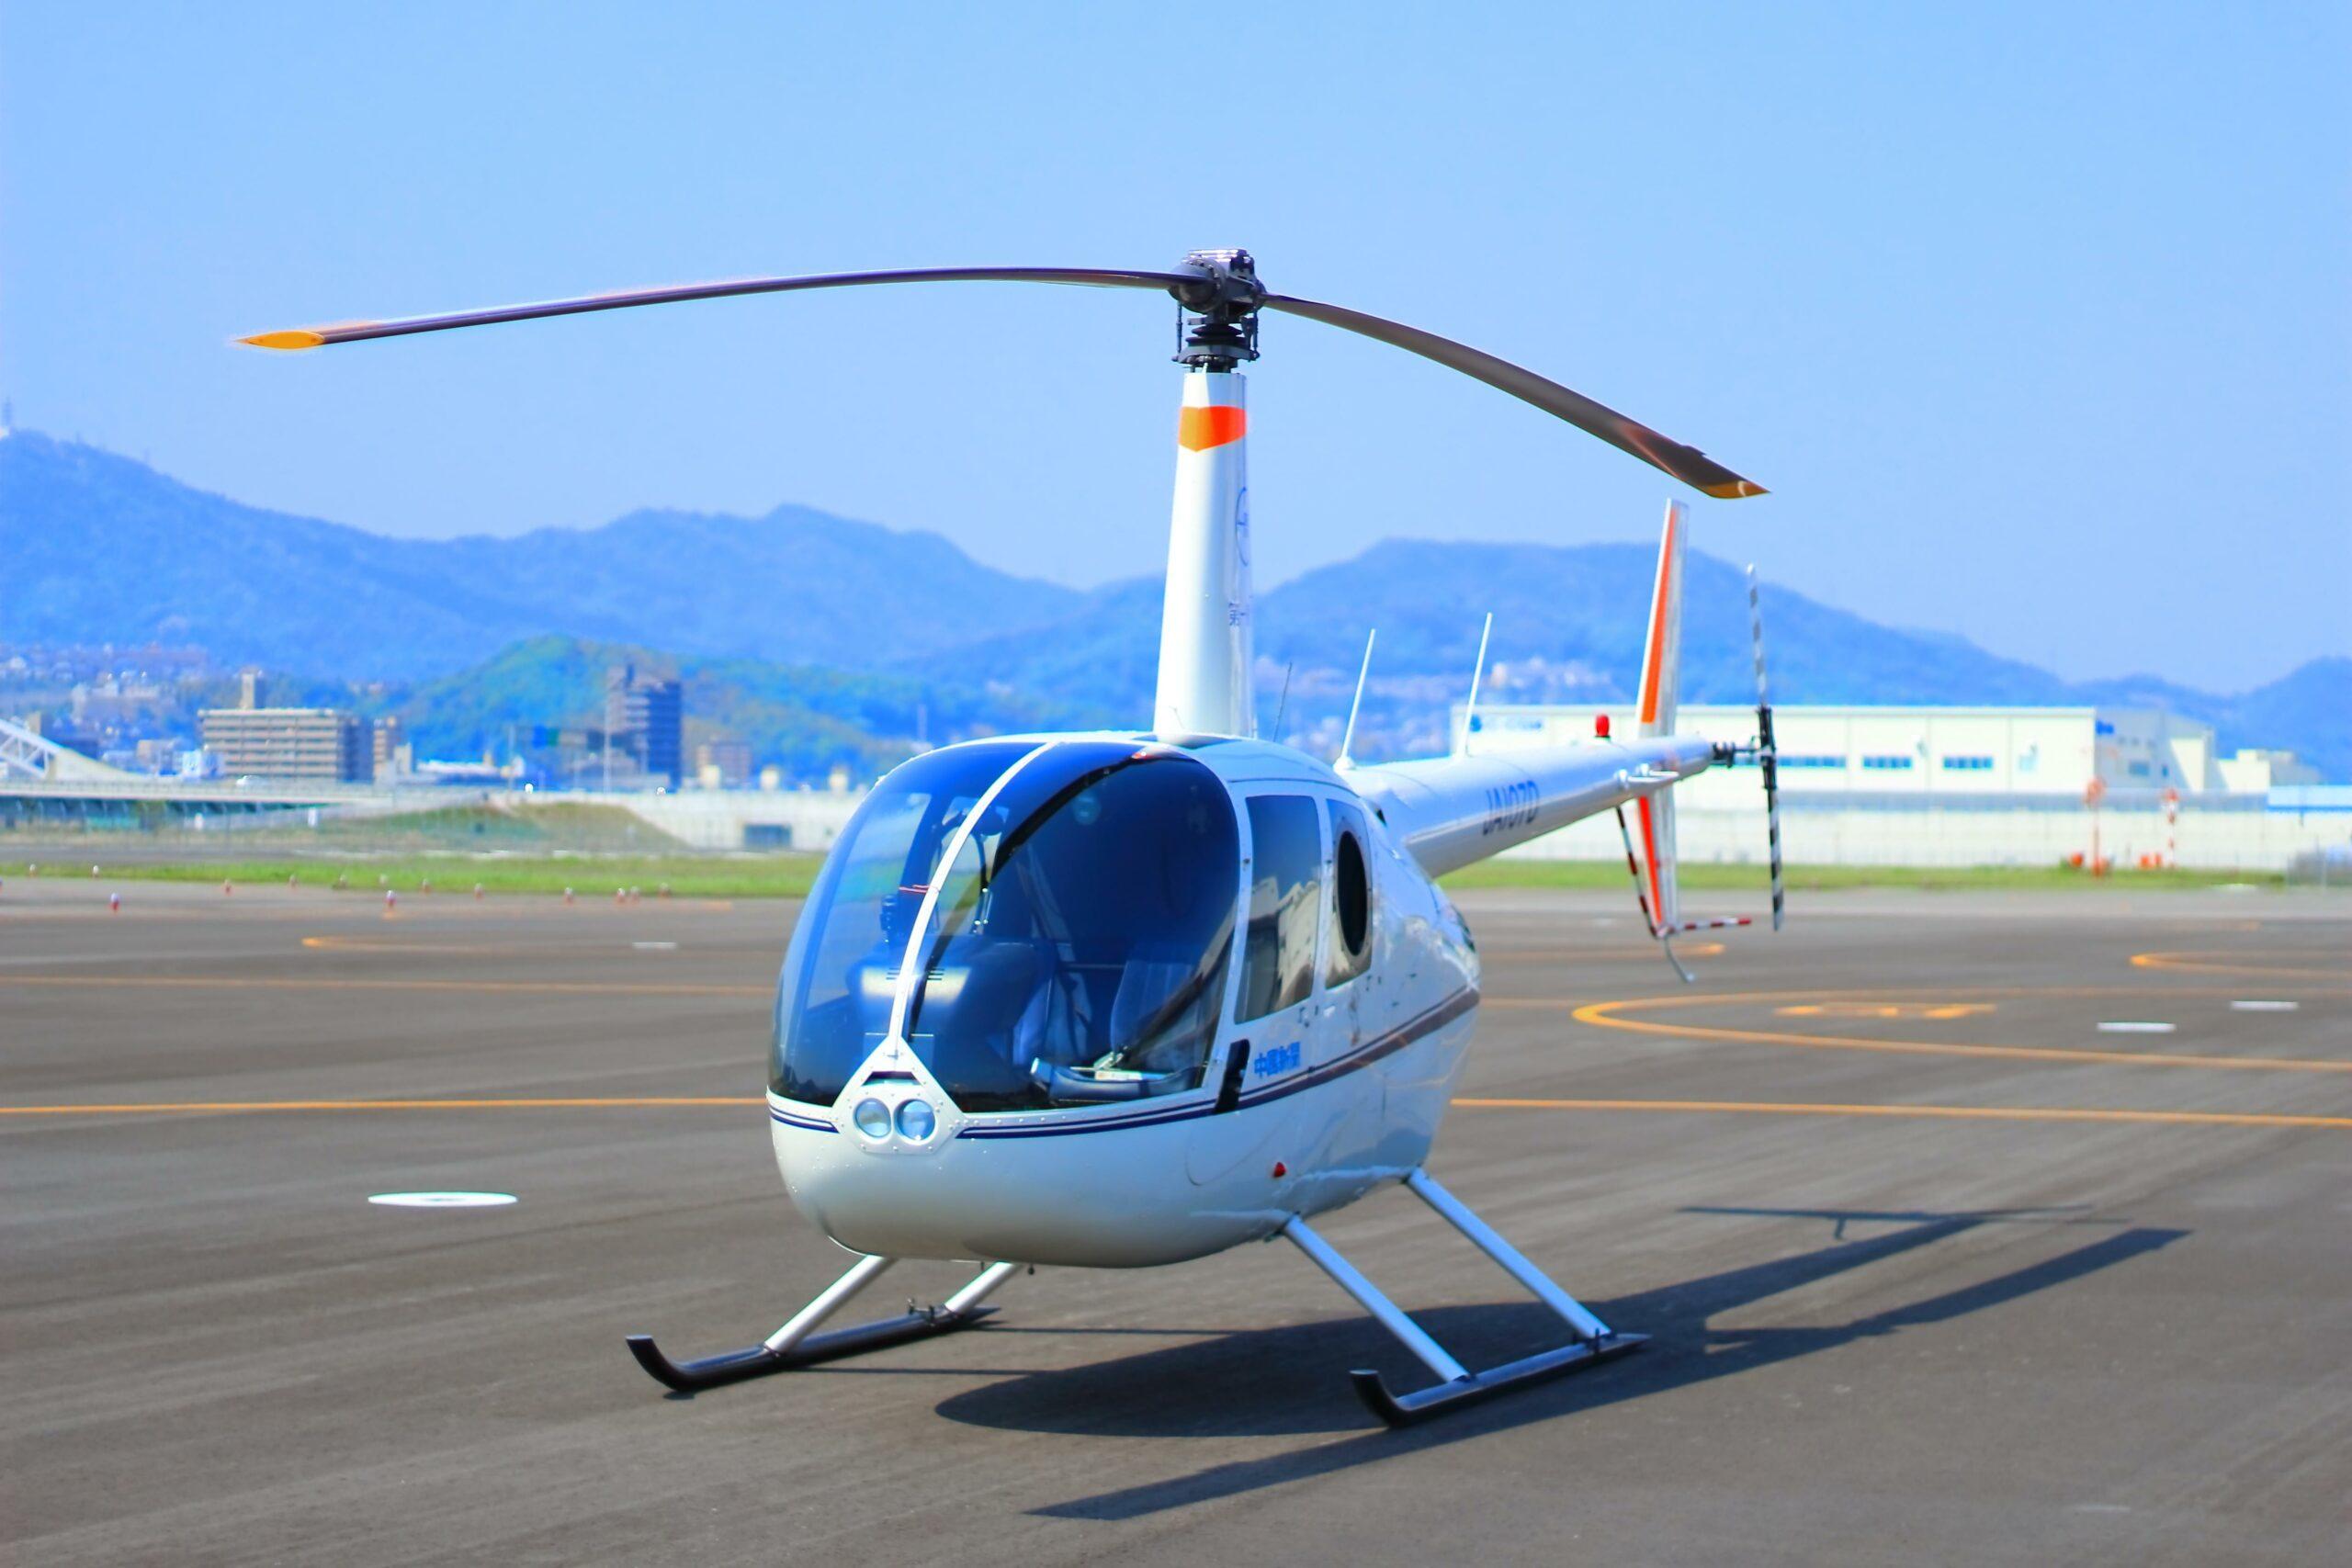 ヘリコプター遊覧飛行(第一航空株式会社 広島事業所)